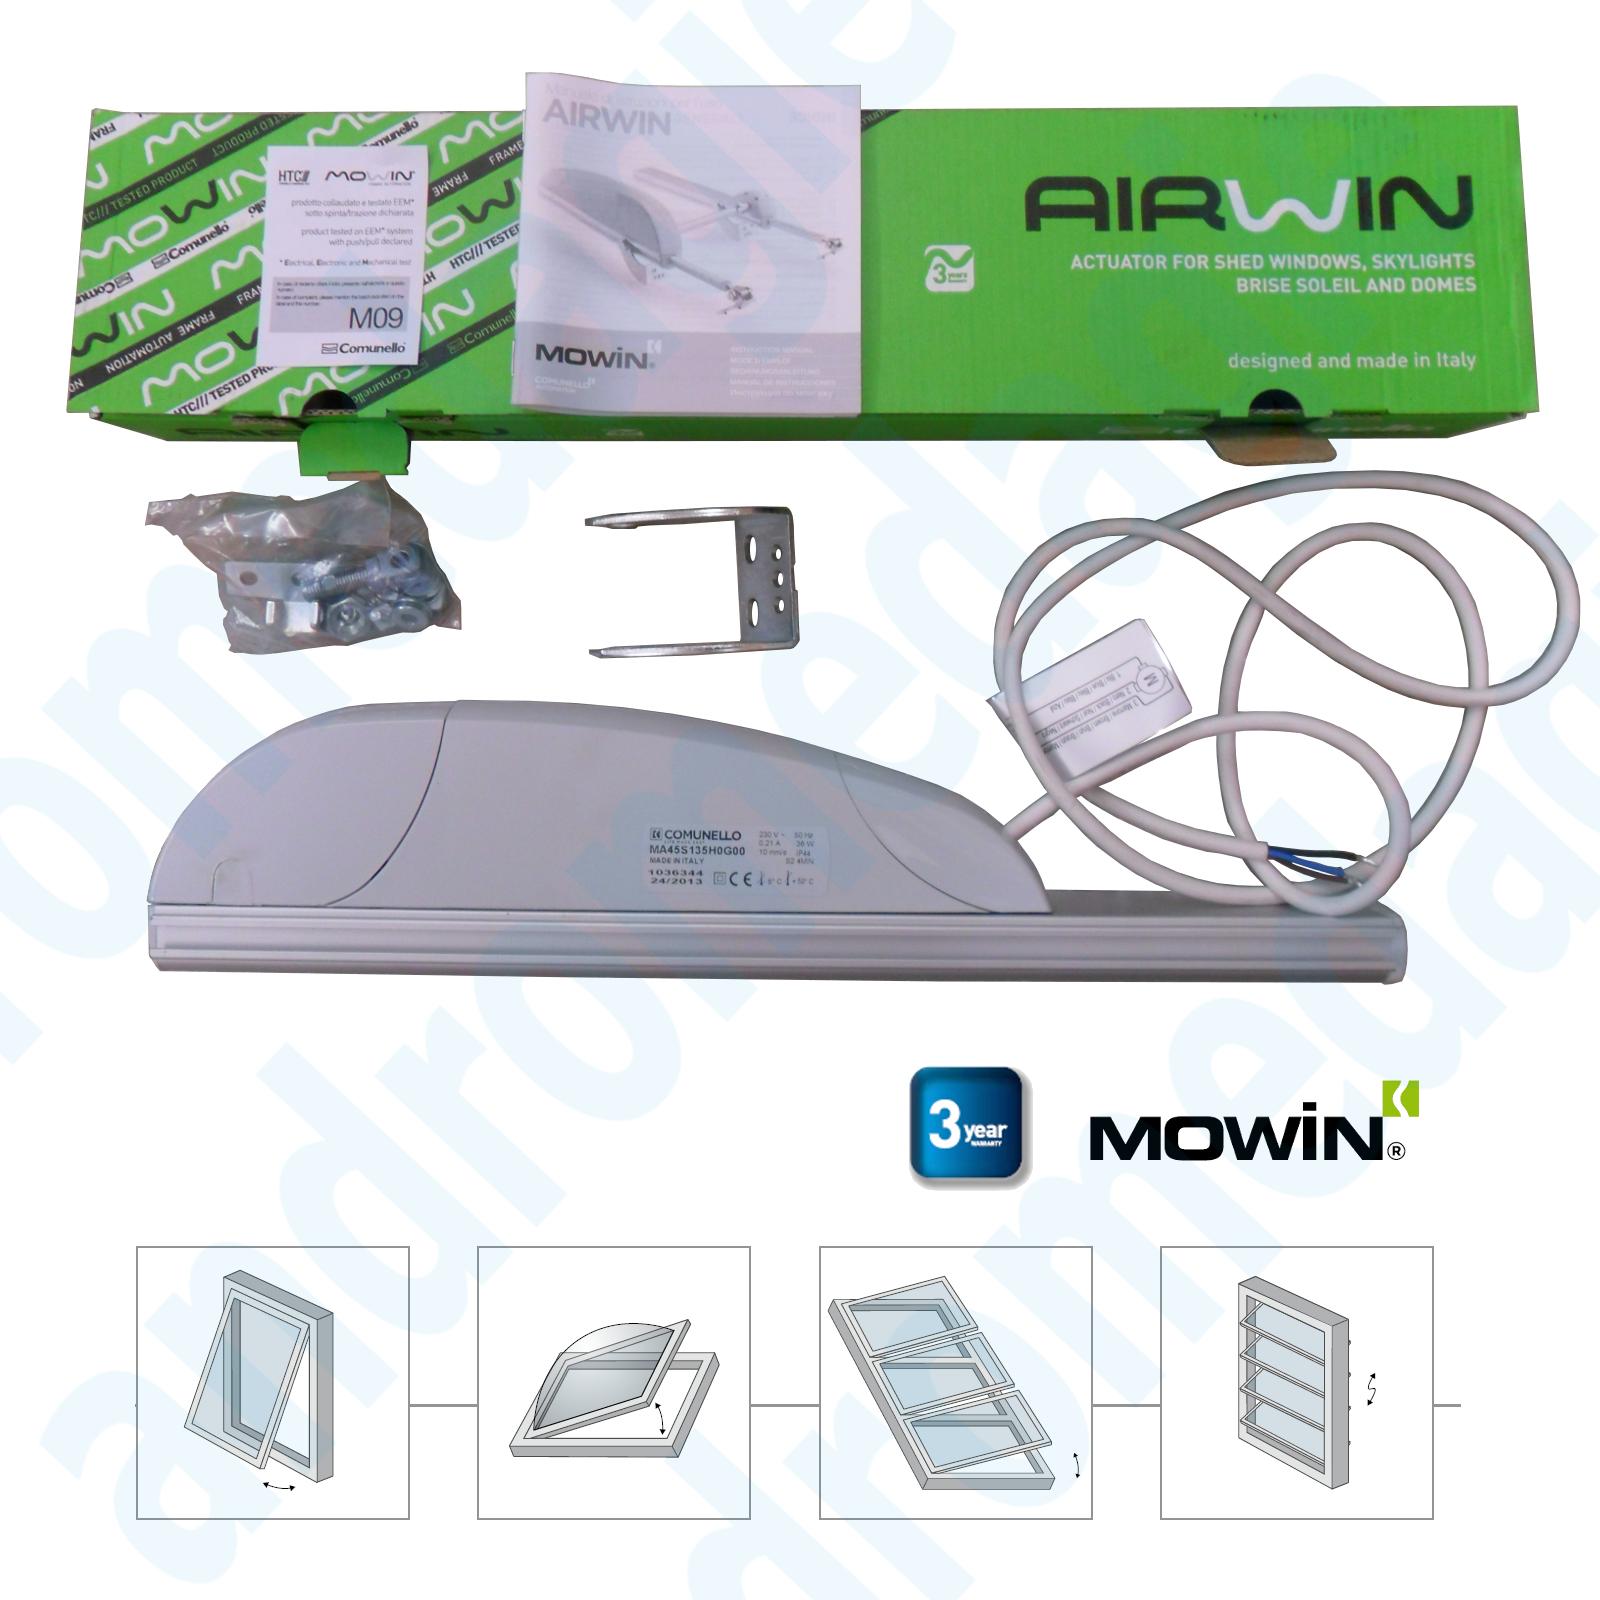 AIRWIN 650N